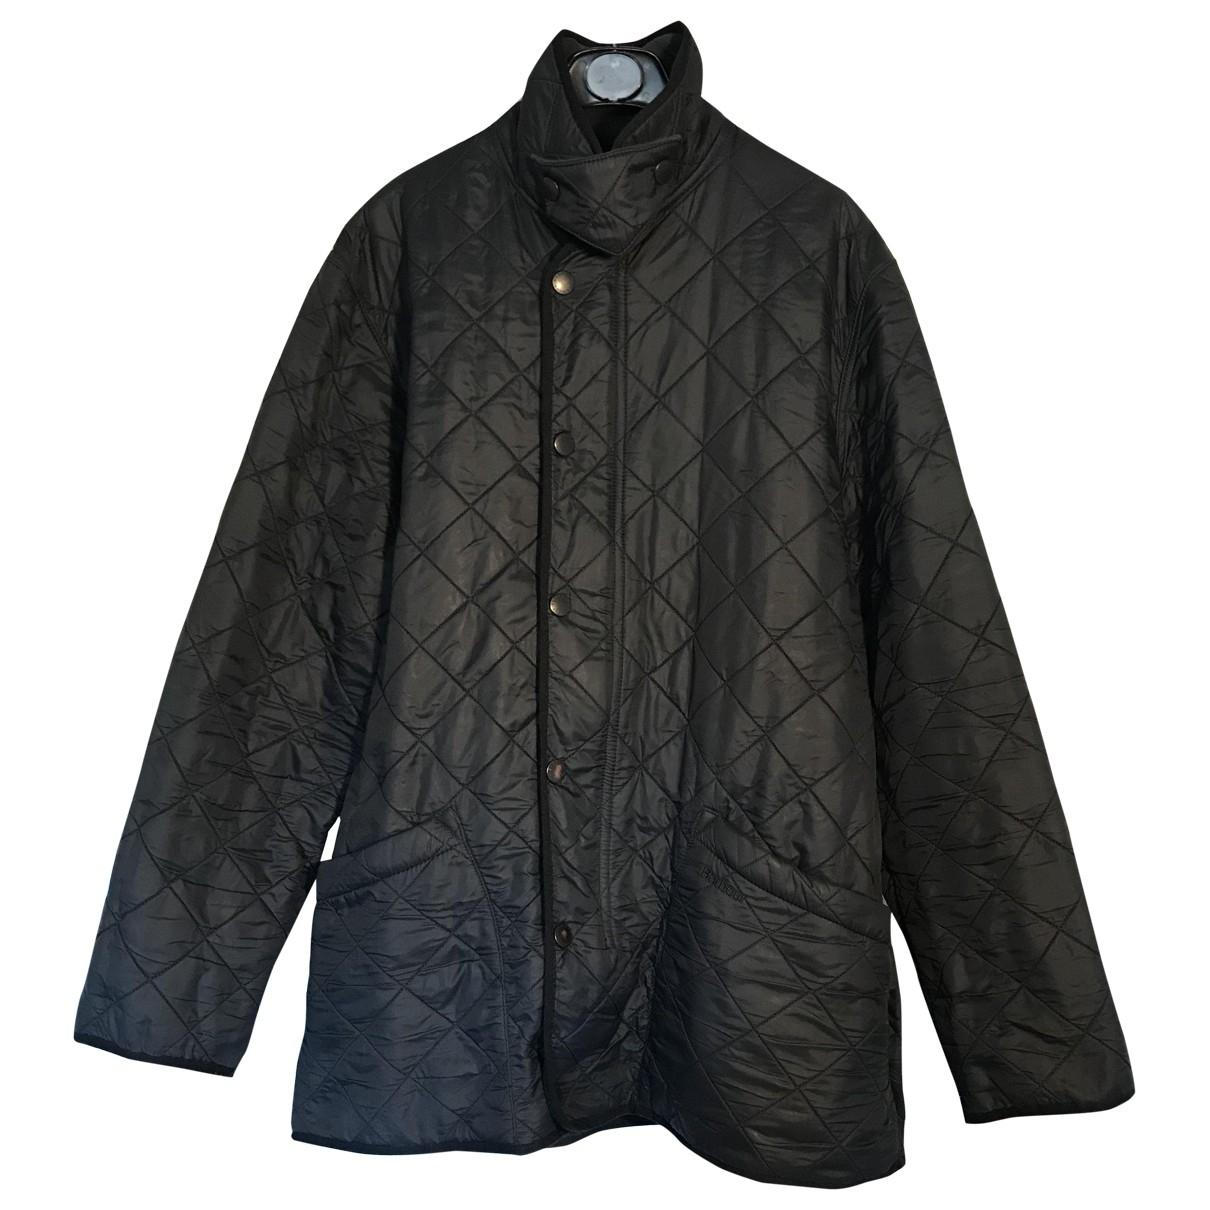 Barbour \N Blue jacket  for Men M International